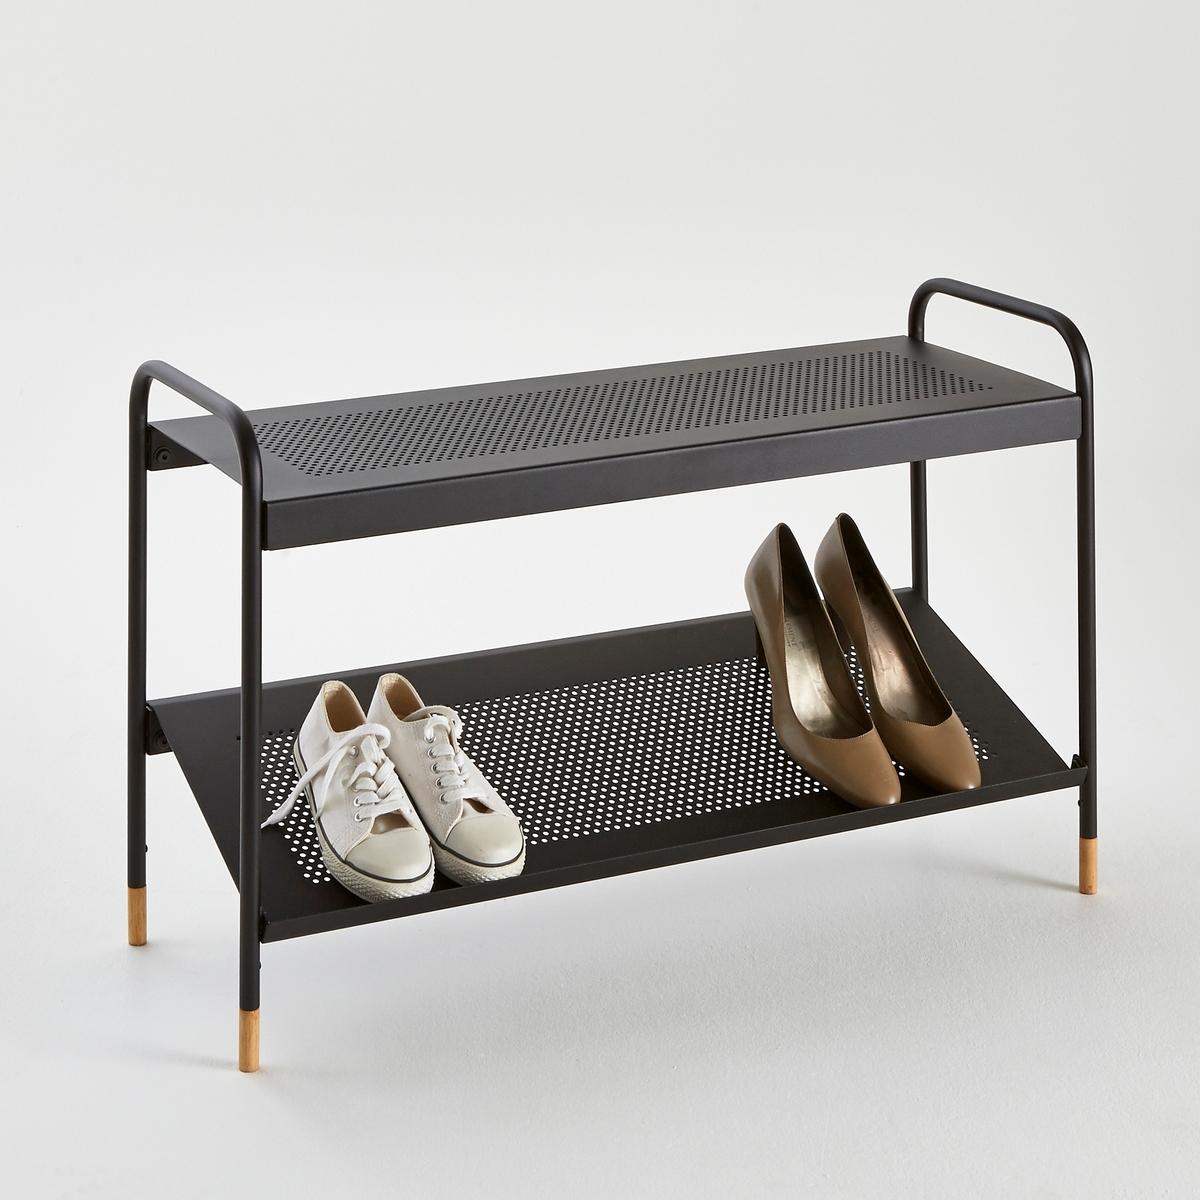 Скамья, подставка для обуви AGAMA около 8 пар подставка под гантели 10 пар matrix g3 fw91